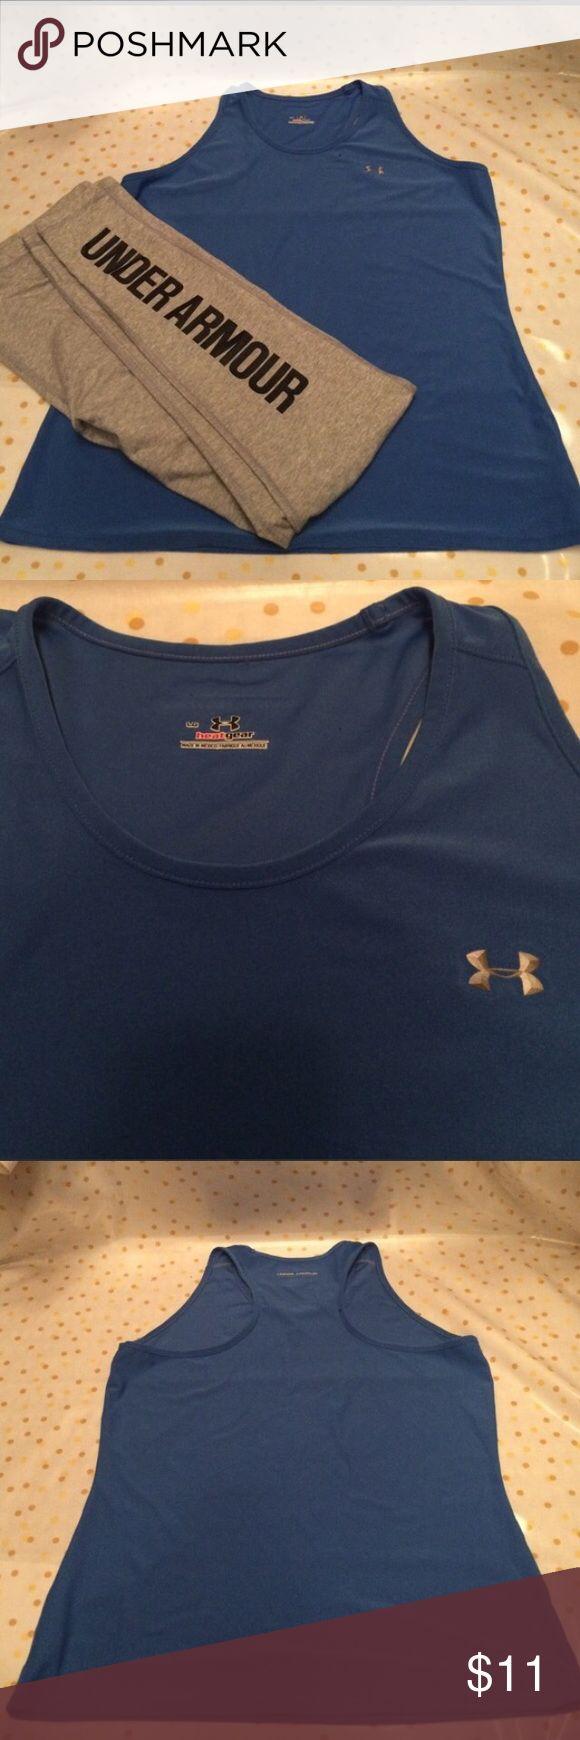 Under Armour heat gear shirt Navy blue Under Armour heat heat shirt. Pants not included. Under Armour Tops Tees - Short Sleeve